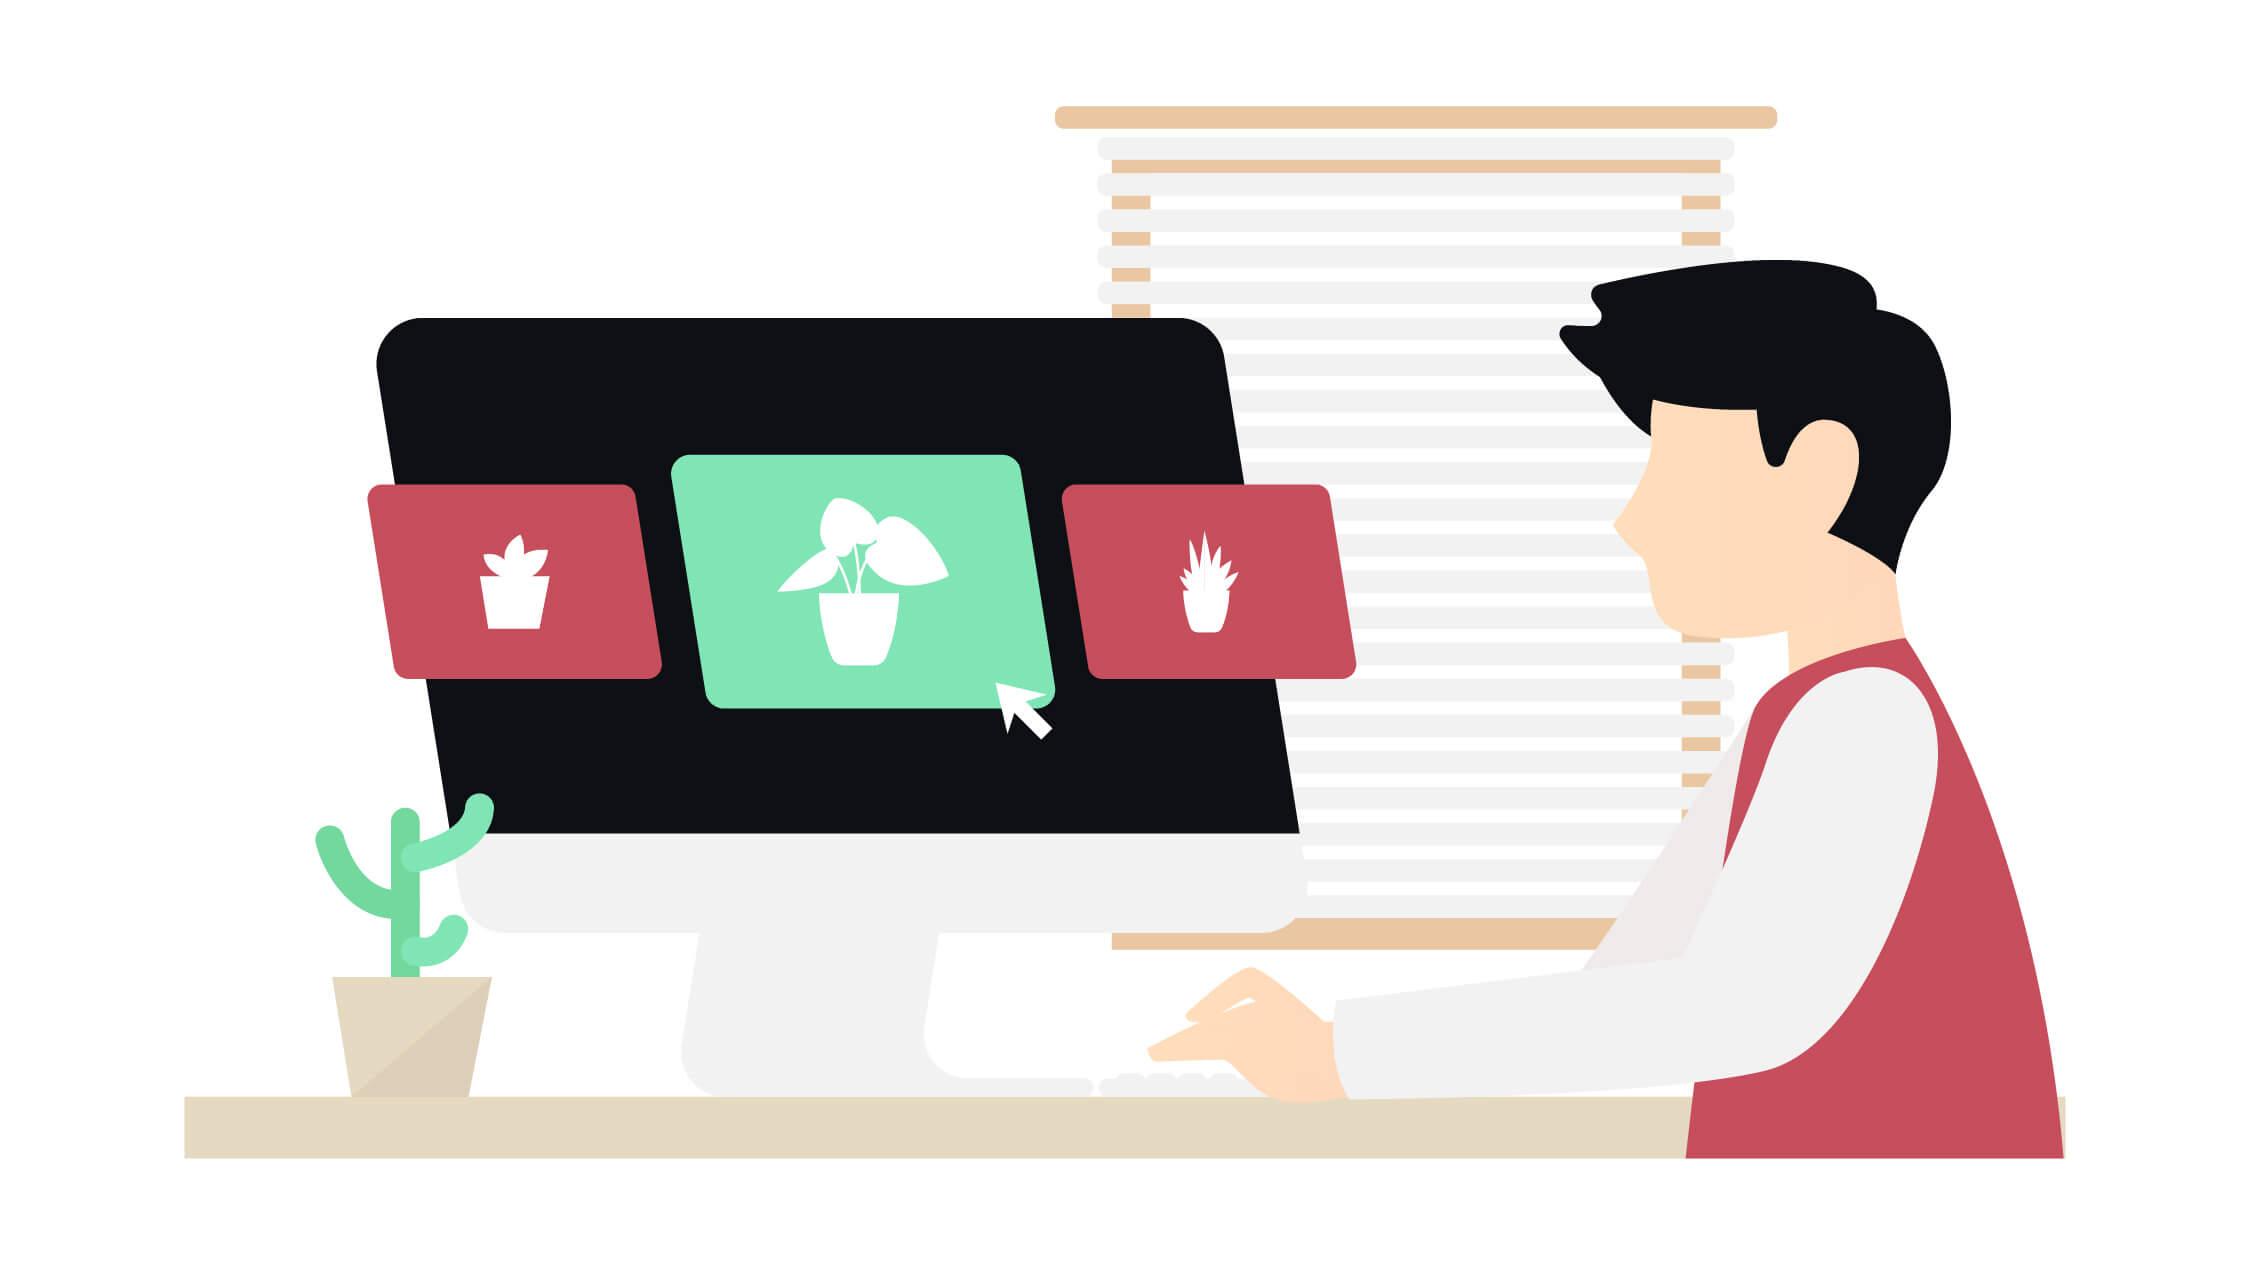 Persoon die kijkt naar Fotofy interface